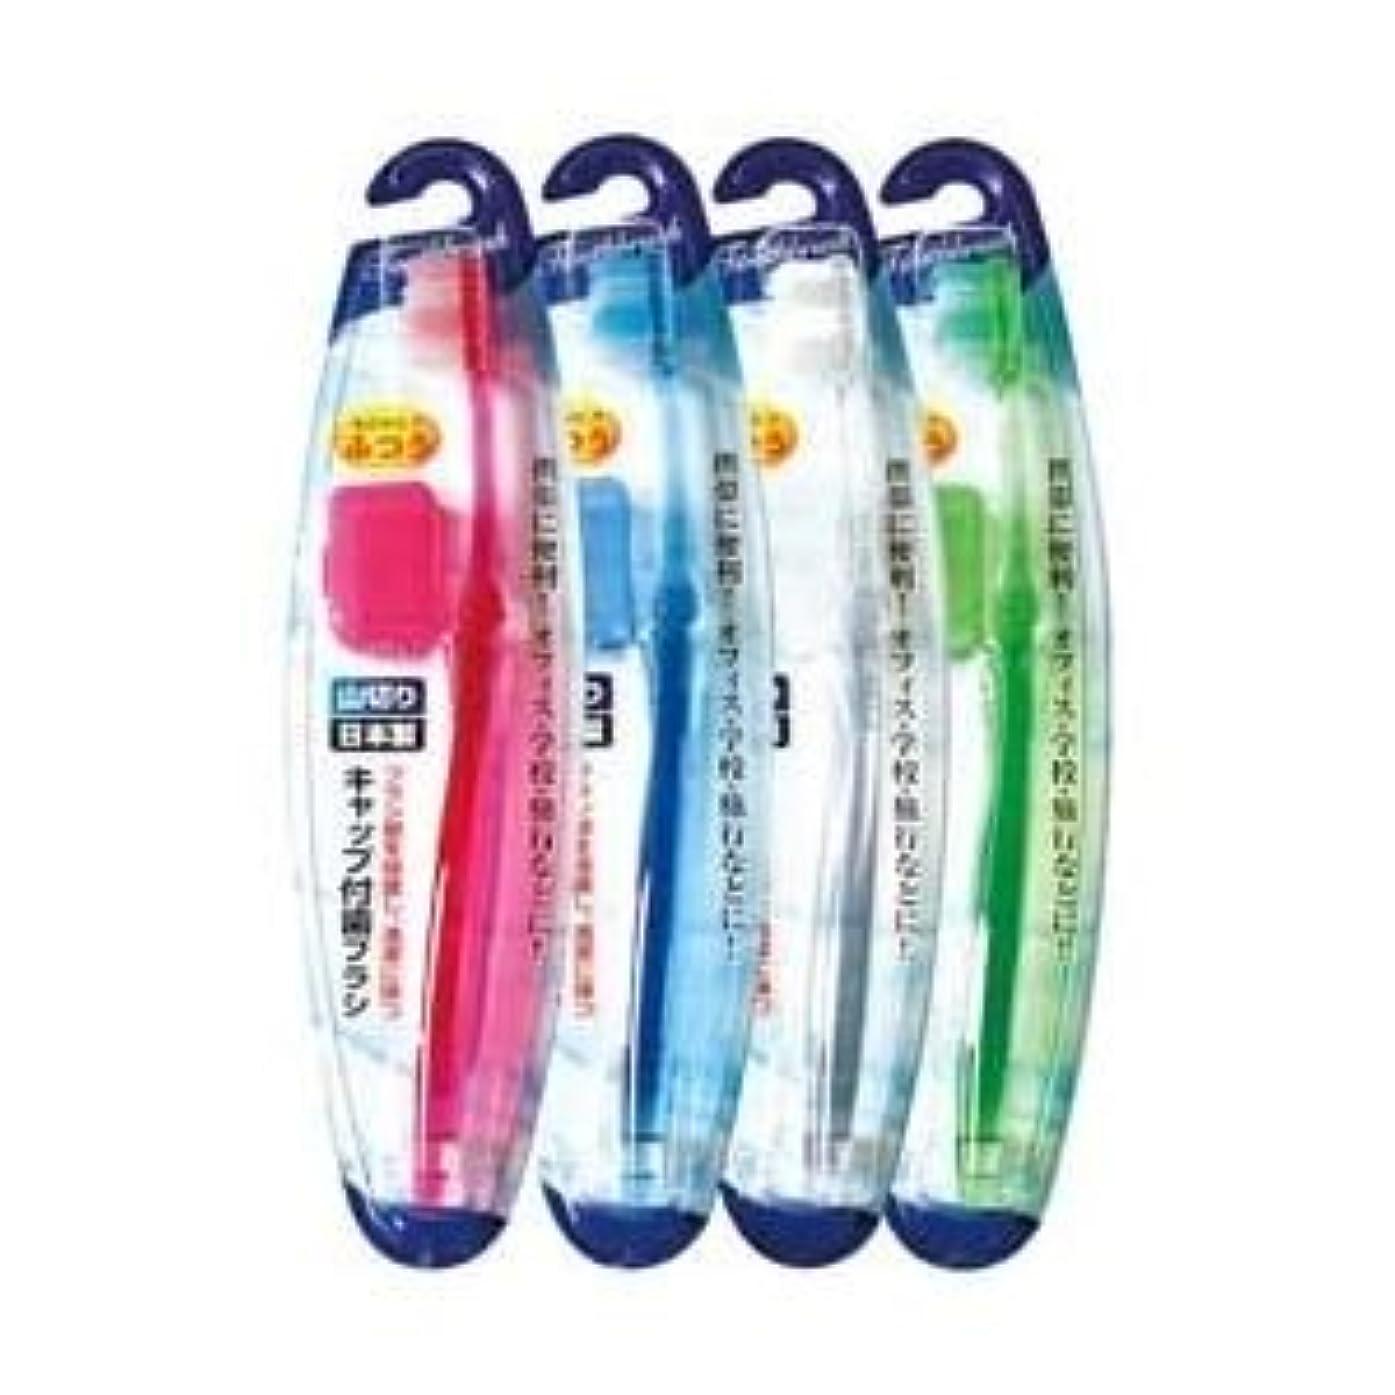 更新する時々手のひらキャップ付歯ブラシ山切りカット(ふつう)日本製 【12個セット】 41-209 ds-1724257